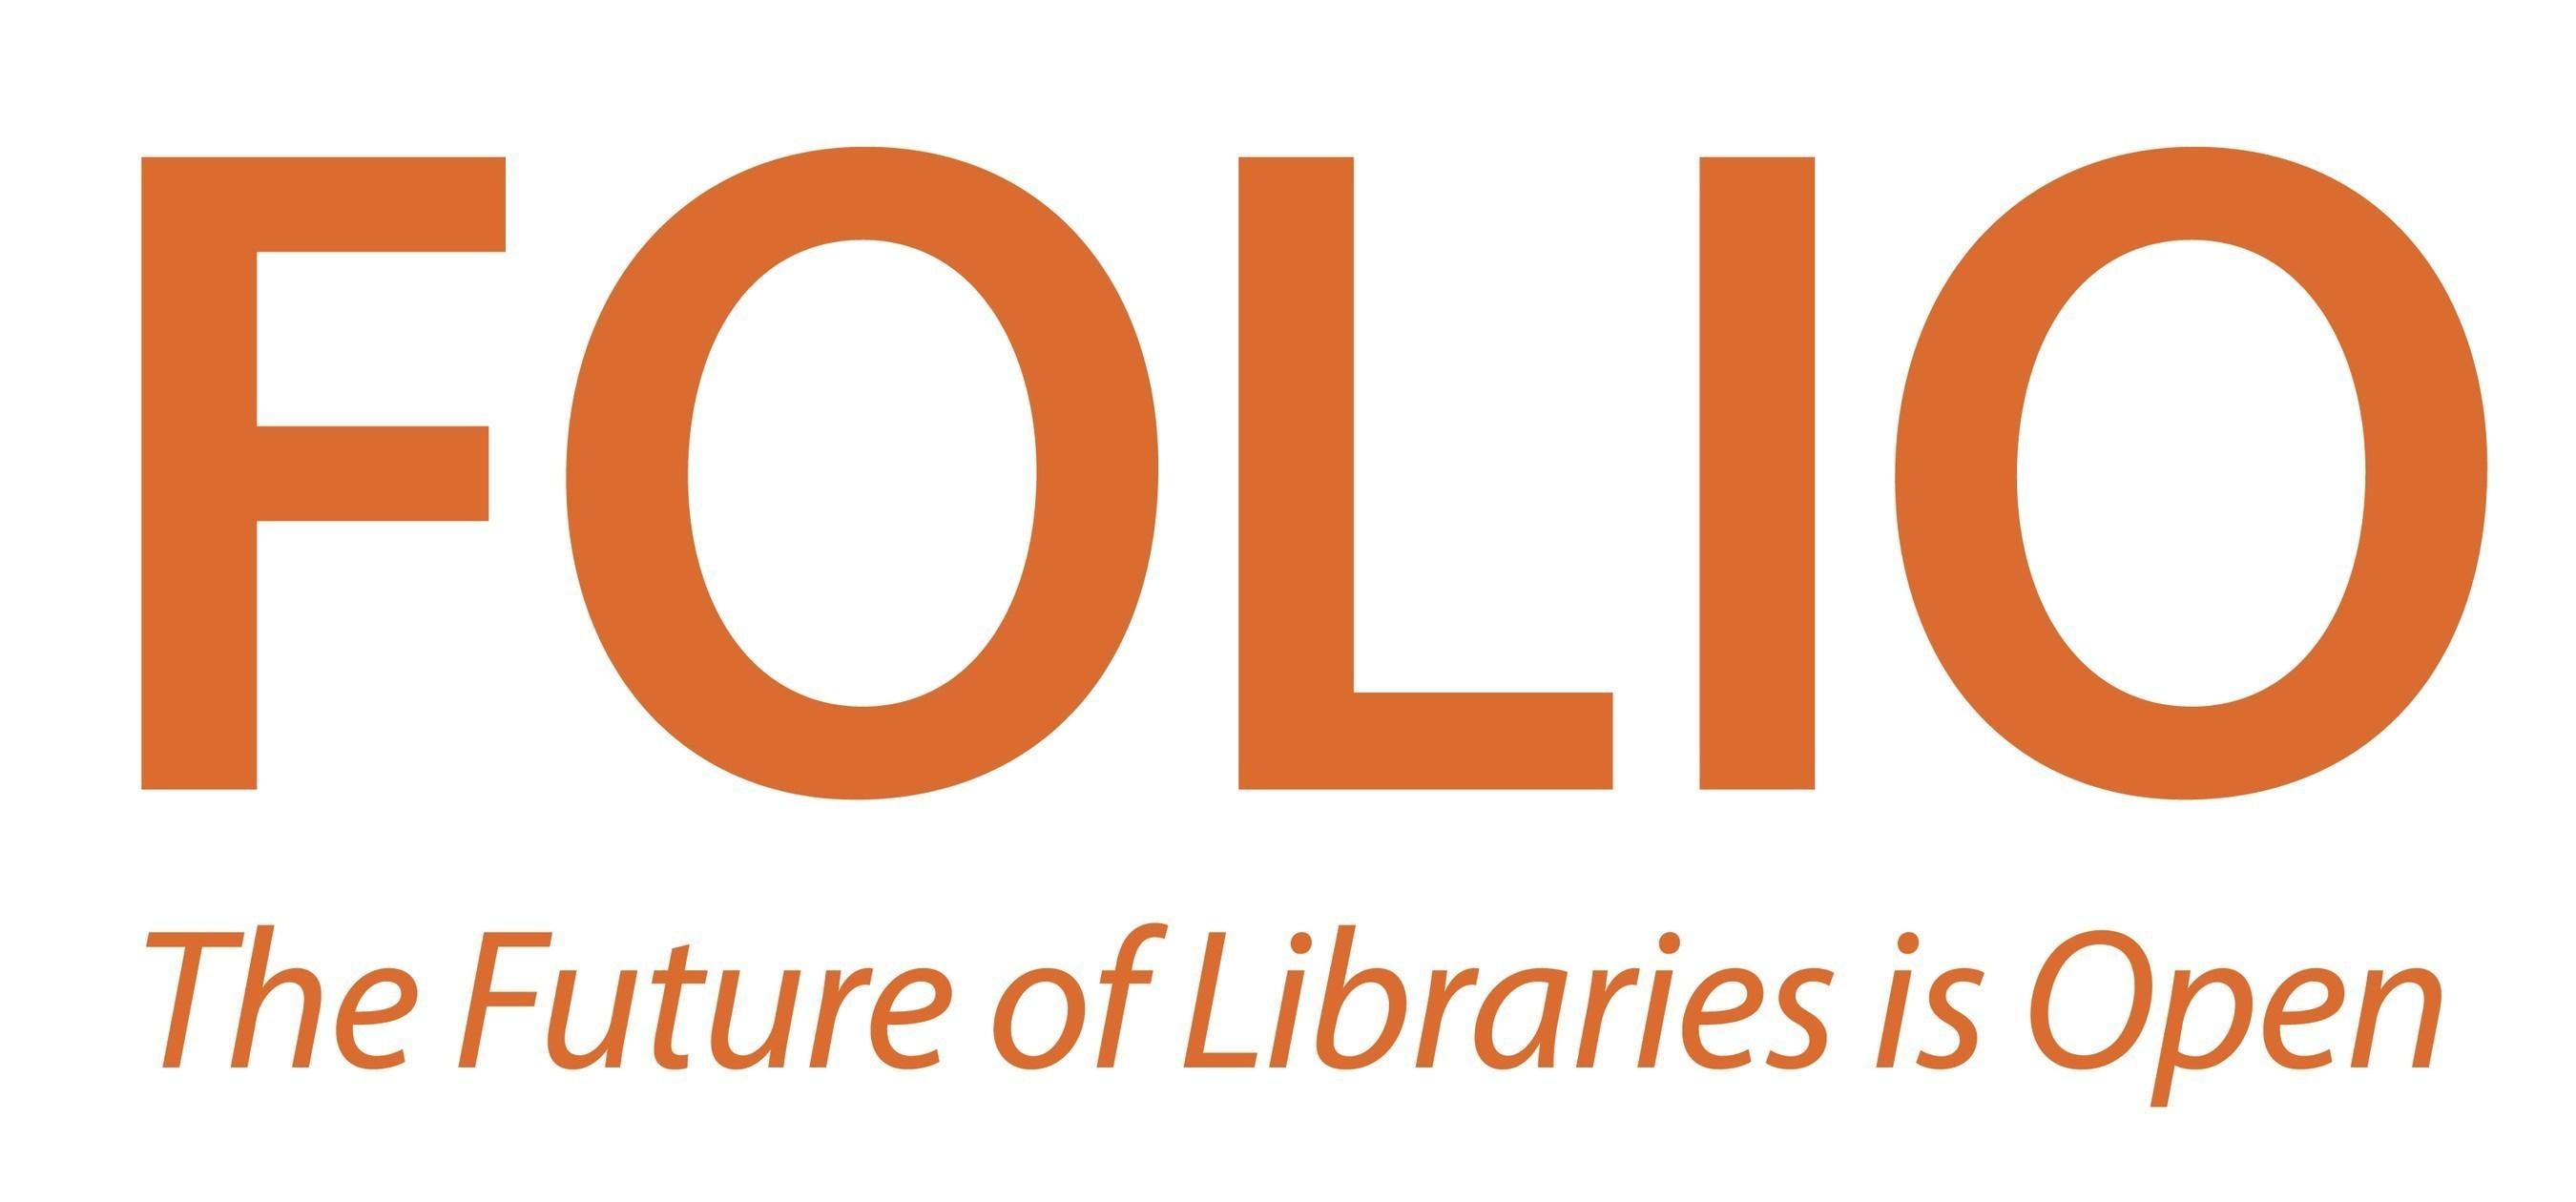 Introducing FOLIO